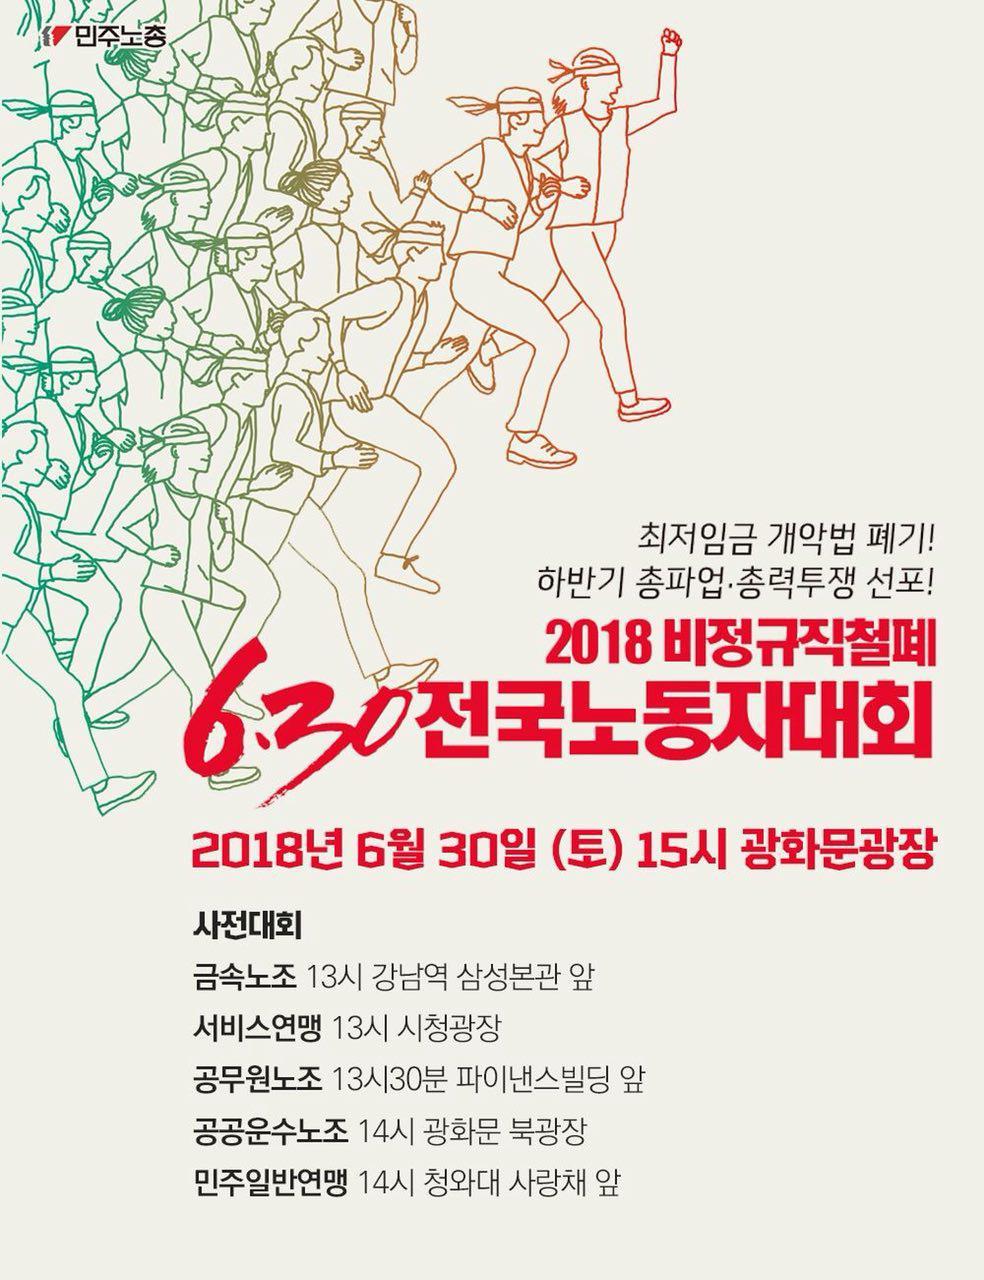 20180630 2018 비정규직철폐 6.30 전국노동자대회.jpg